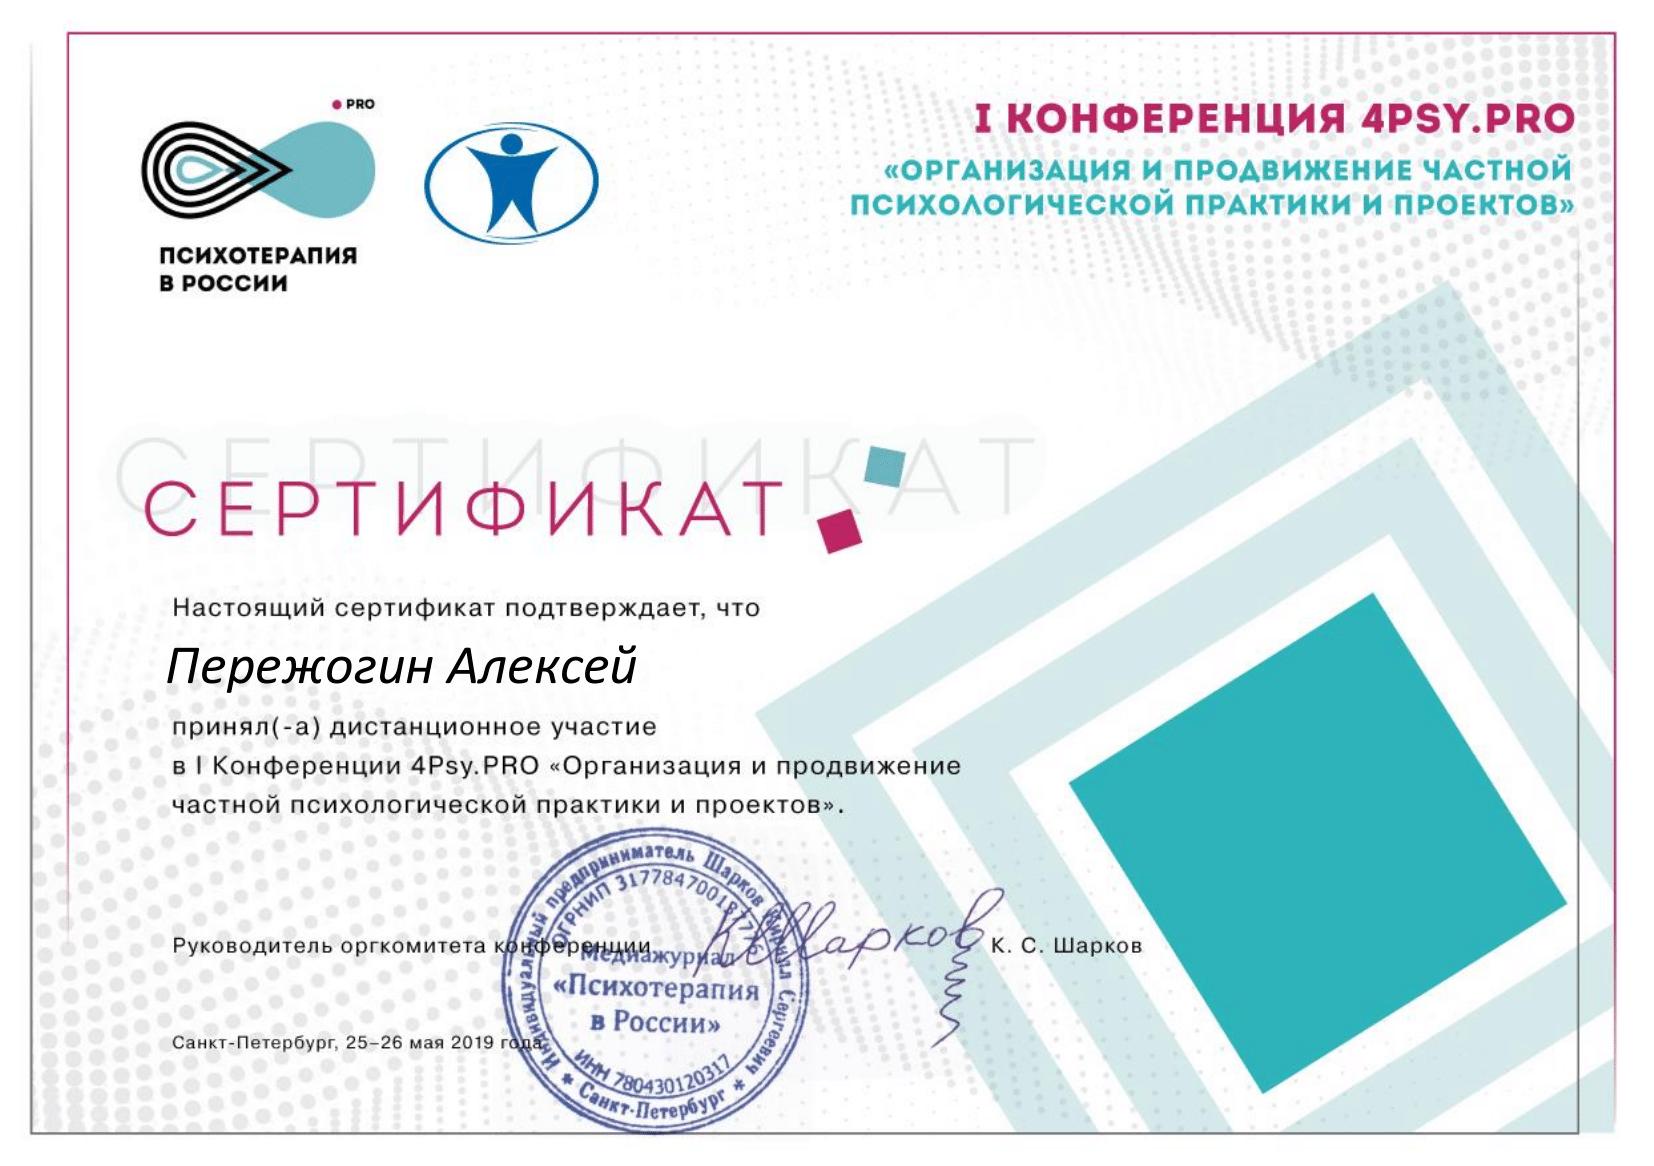 Мой сертификат участия в конференции, на которой специалисты из разных школ разбирали технические и этические особенности современных методов продвижения для психотерапевтов